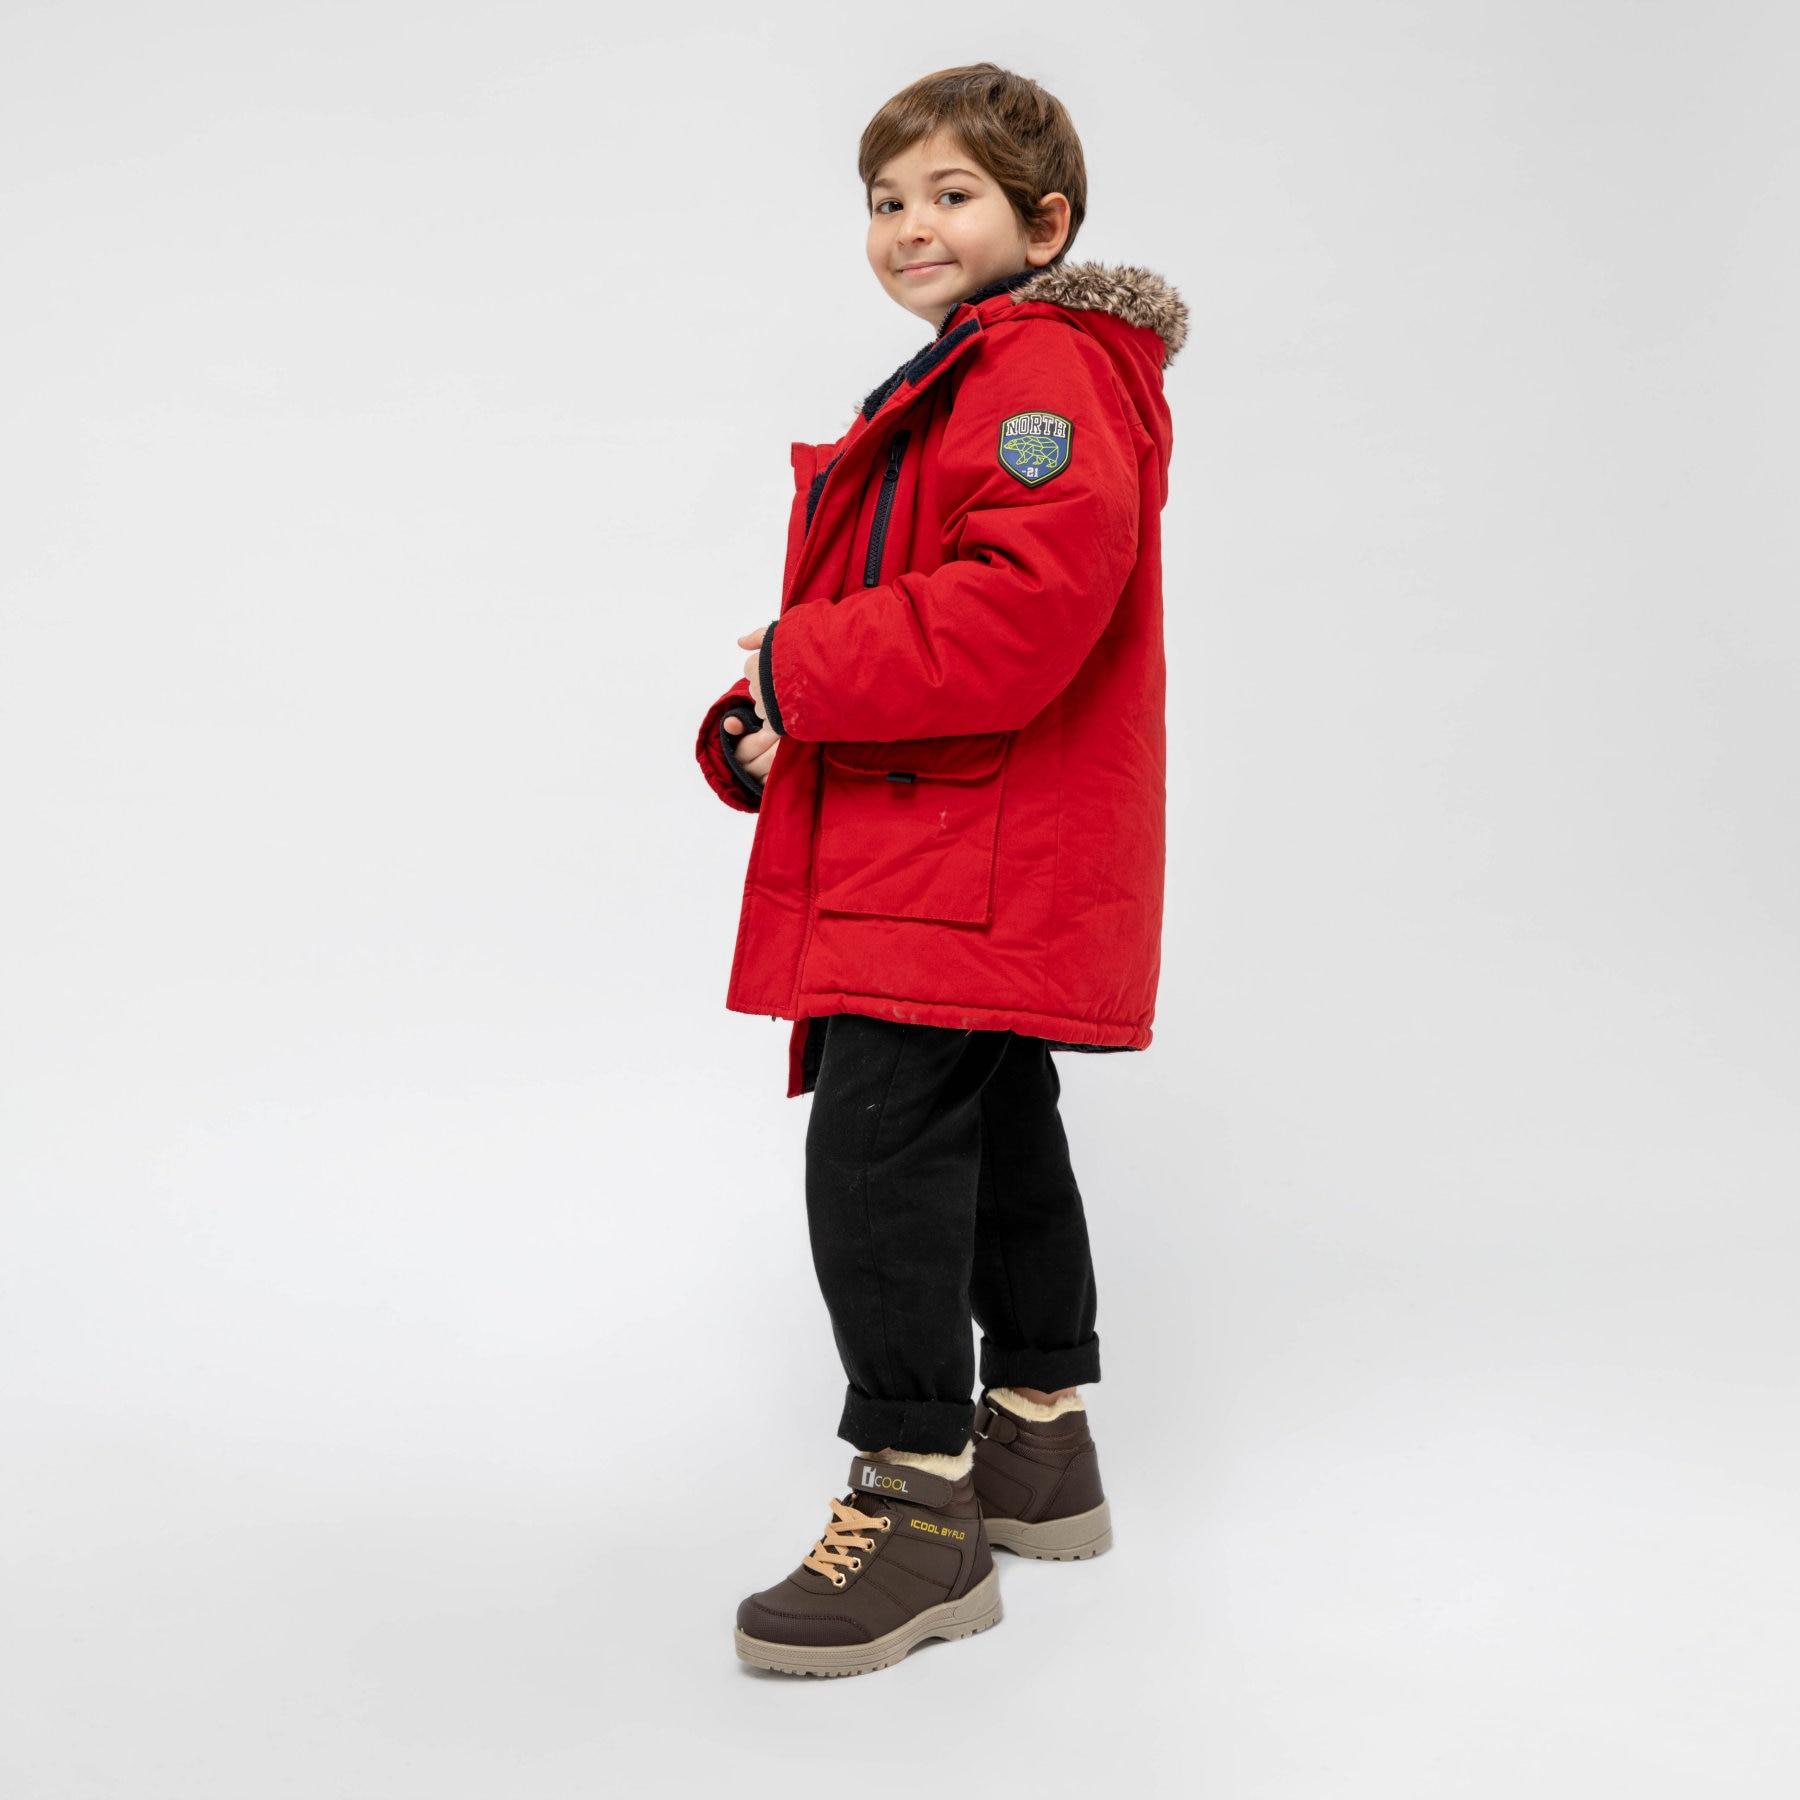 Flo WARM.2 Marrone Maschio All'aperto per Bambini I-Cool